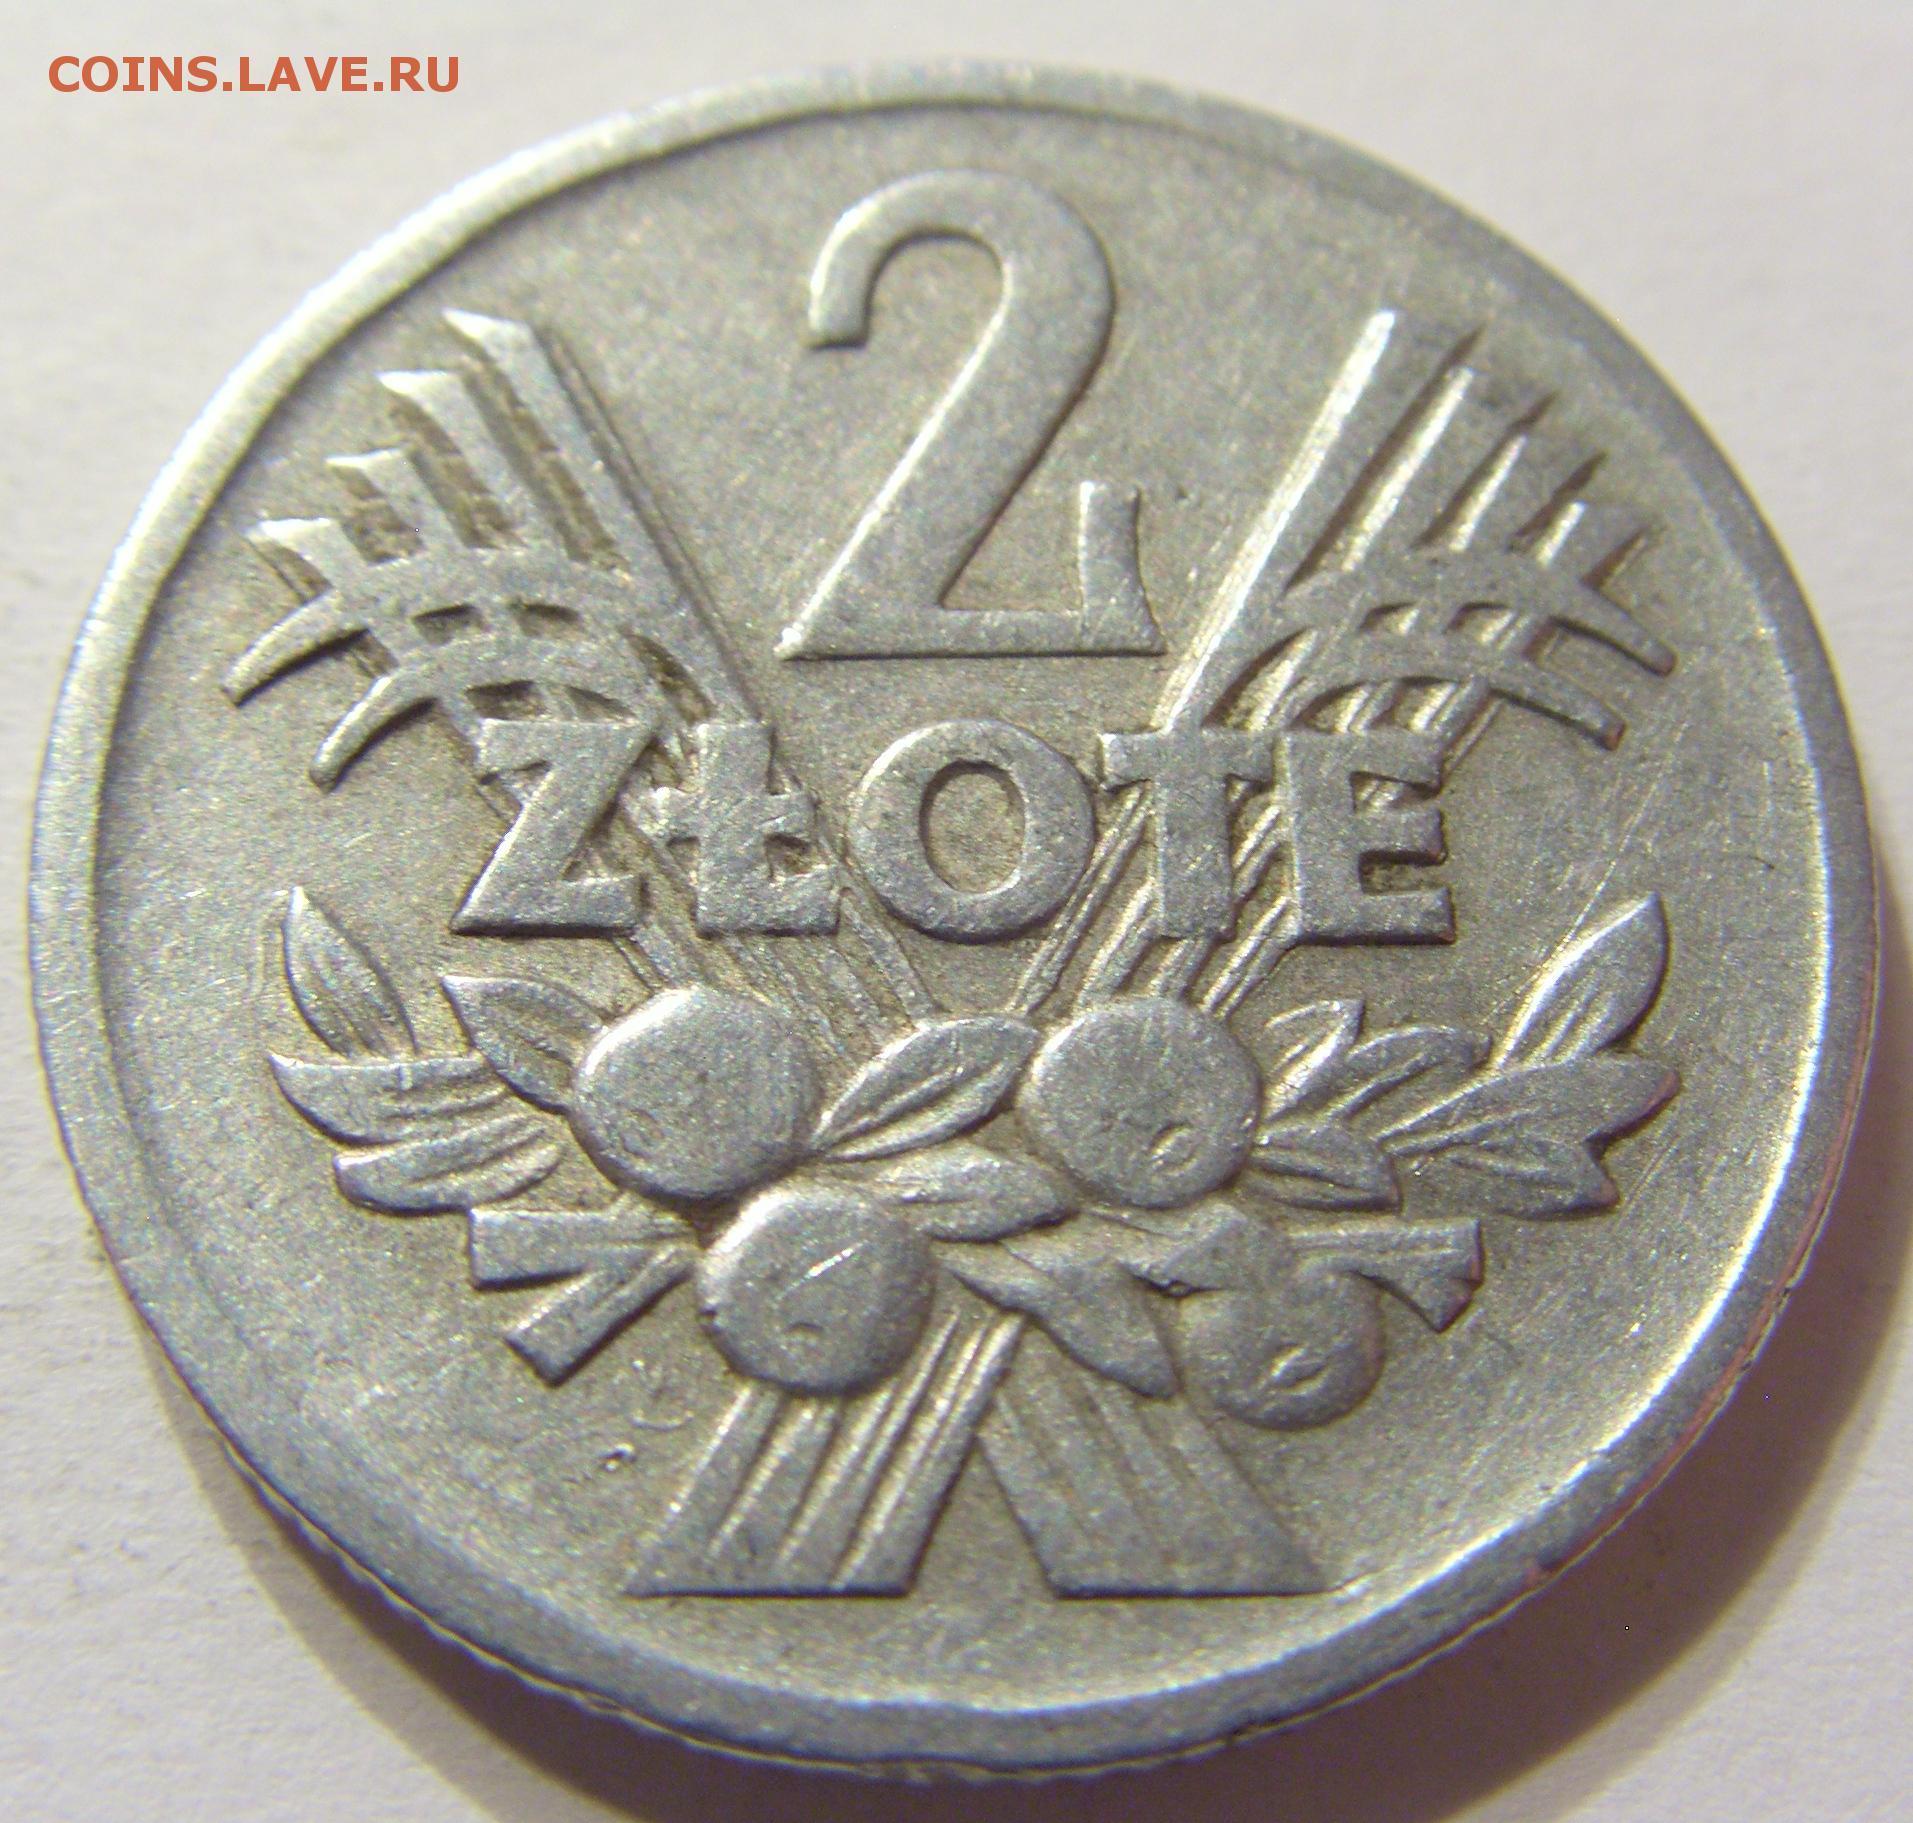 Польская монета 1958 года цена сколько стоит железный рубль с лениным